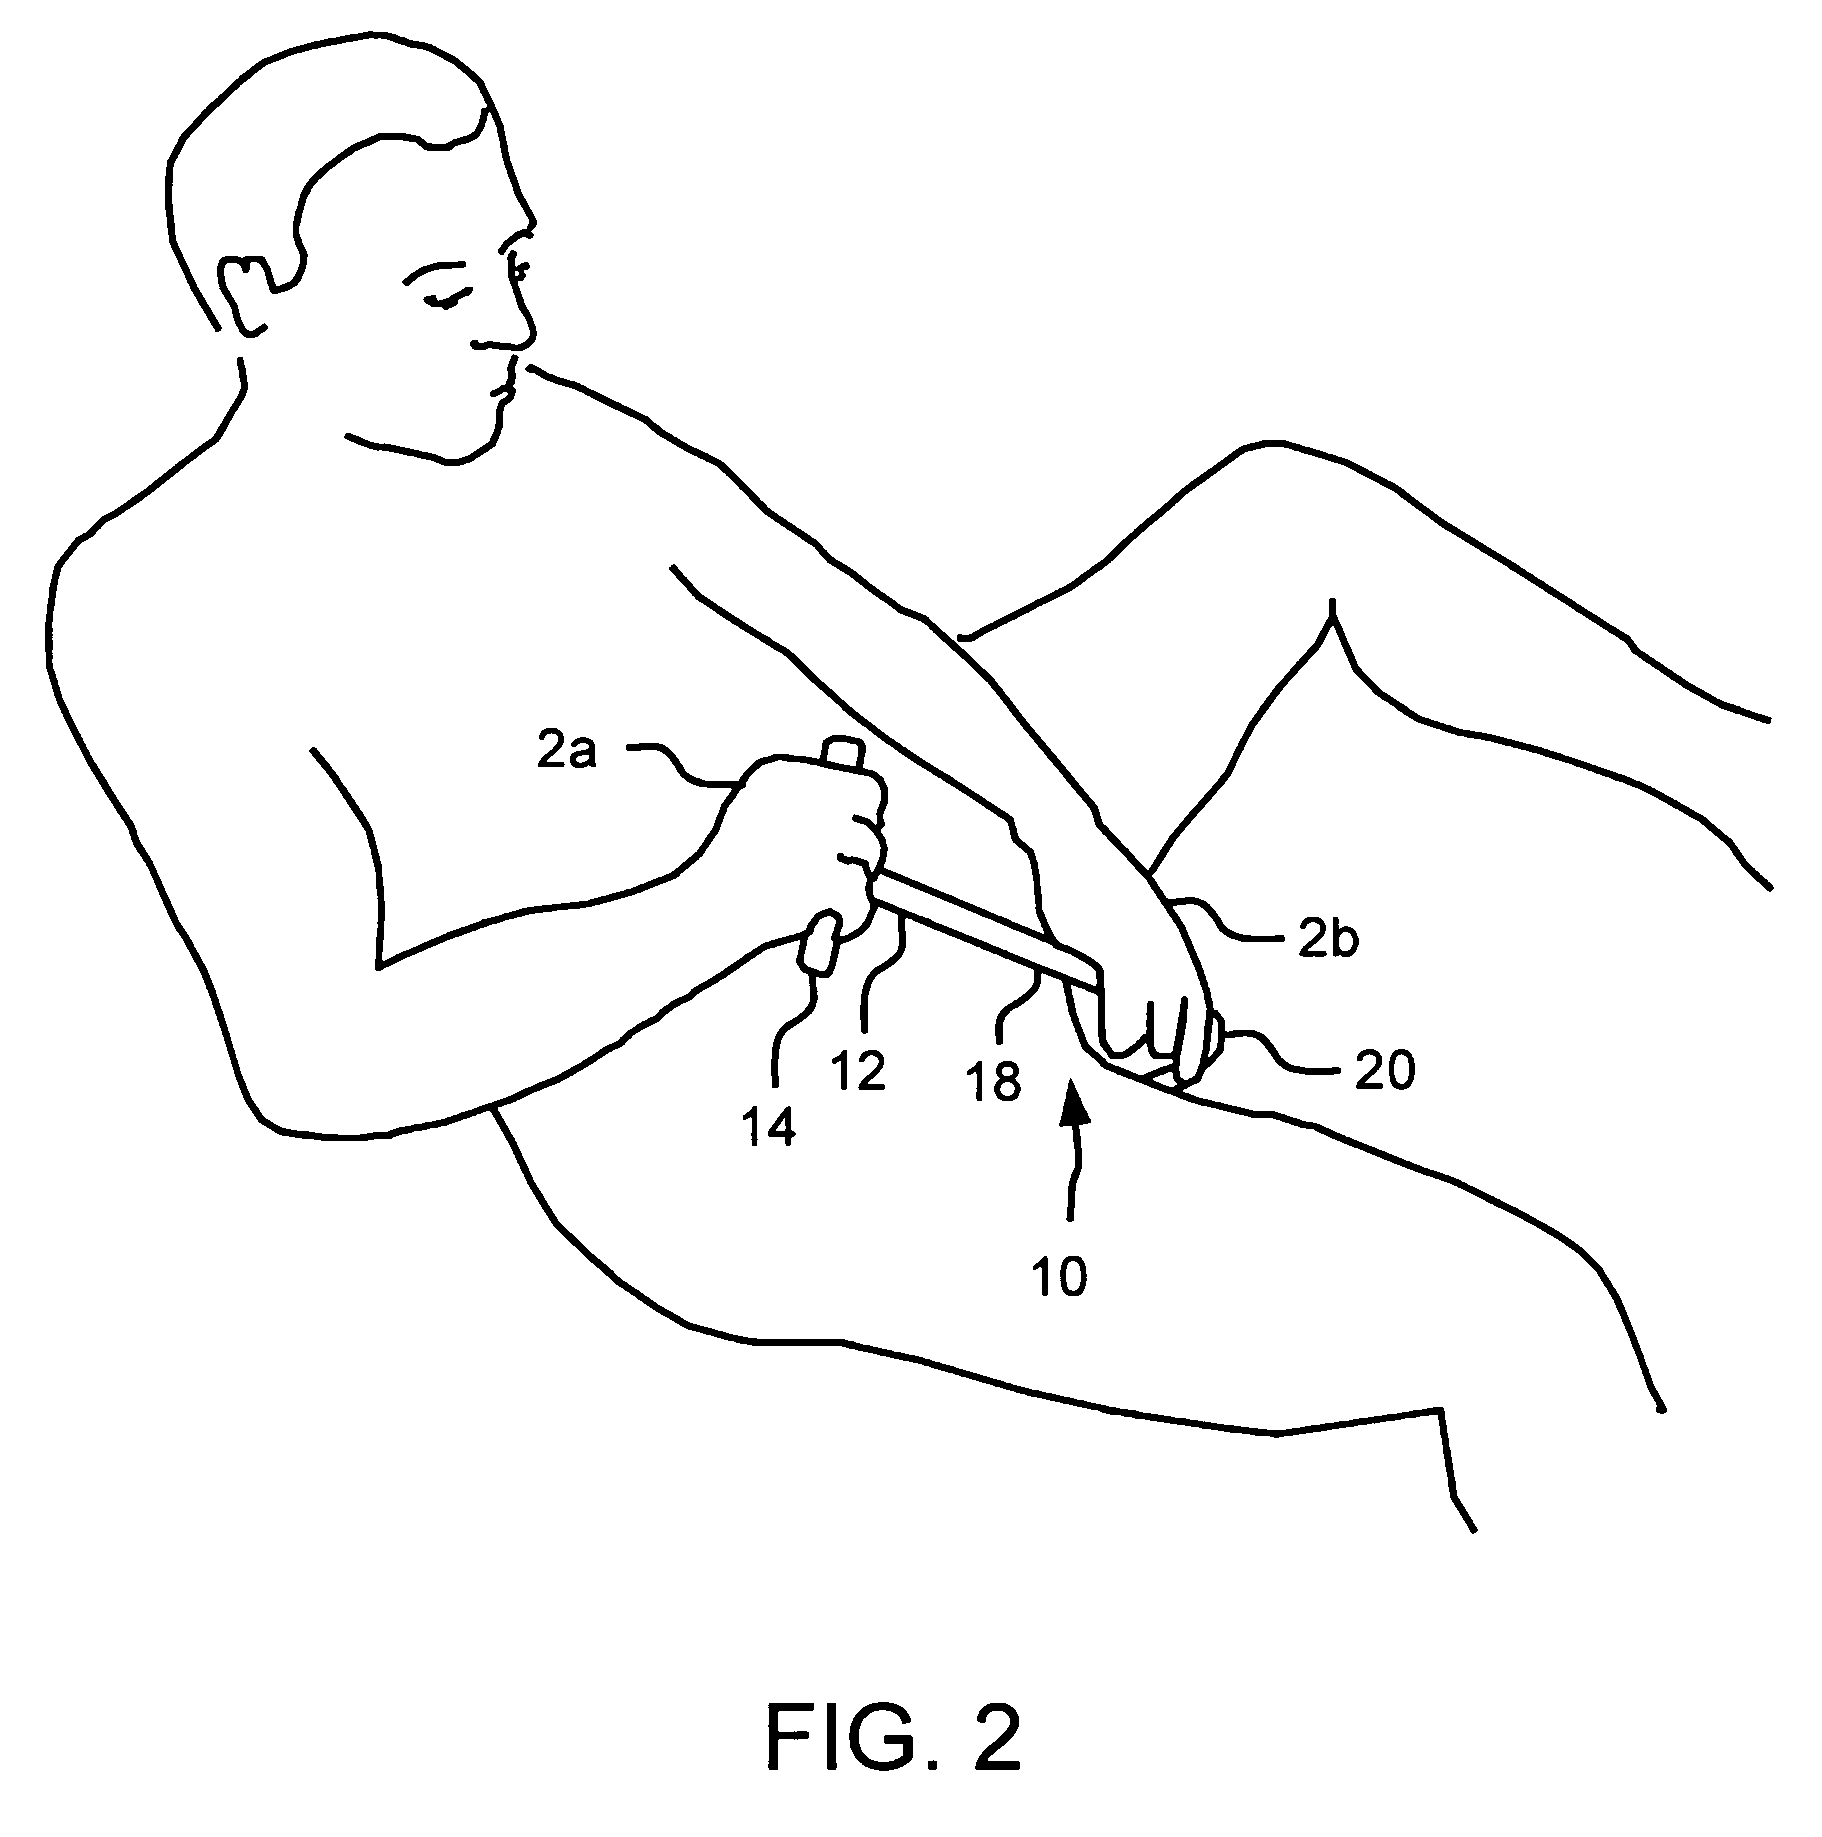 Kegel exercises